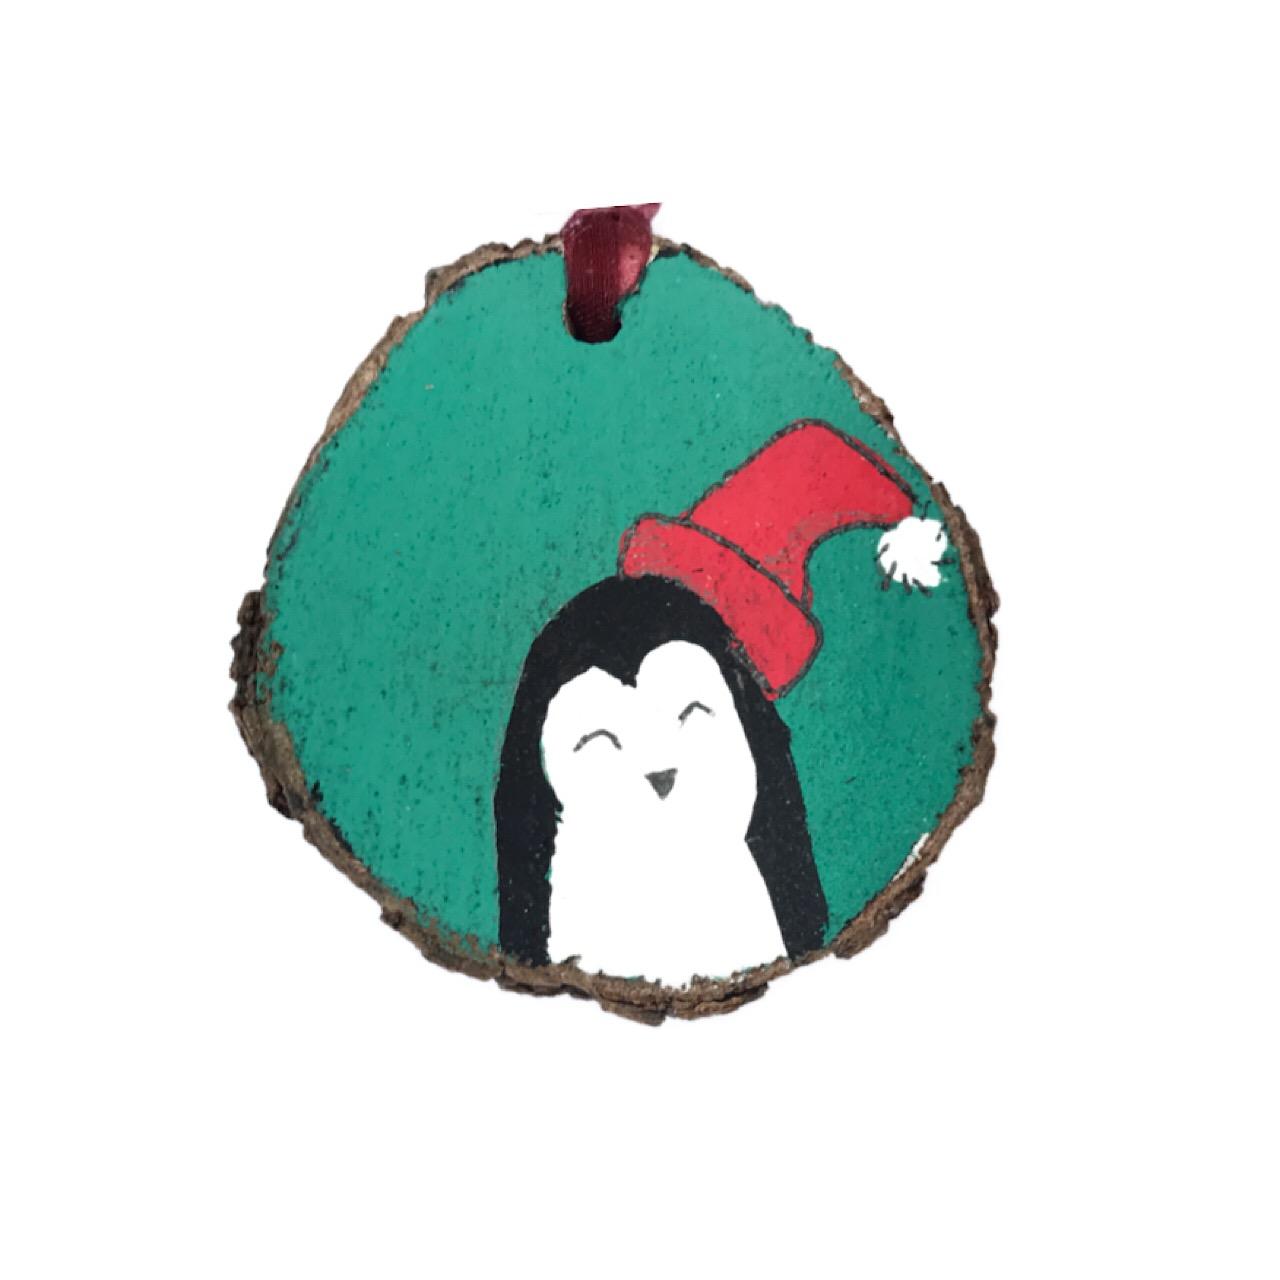 آویز درخت کریسمس مدل پنگوئن